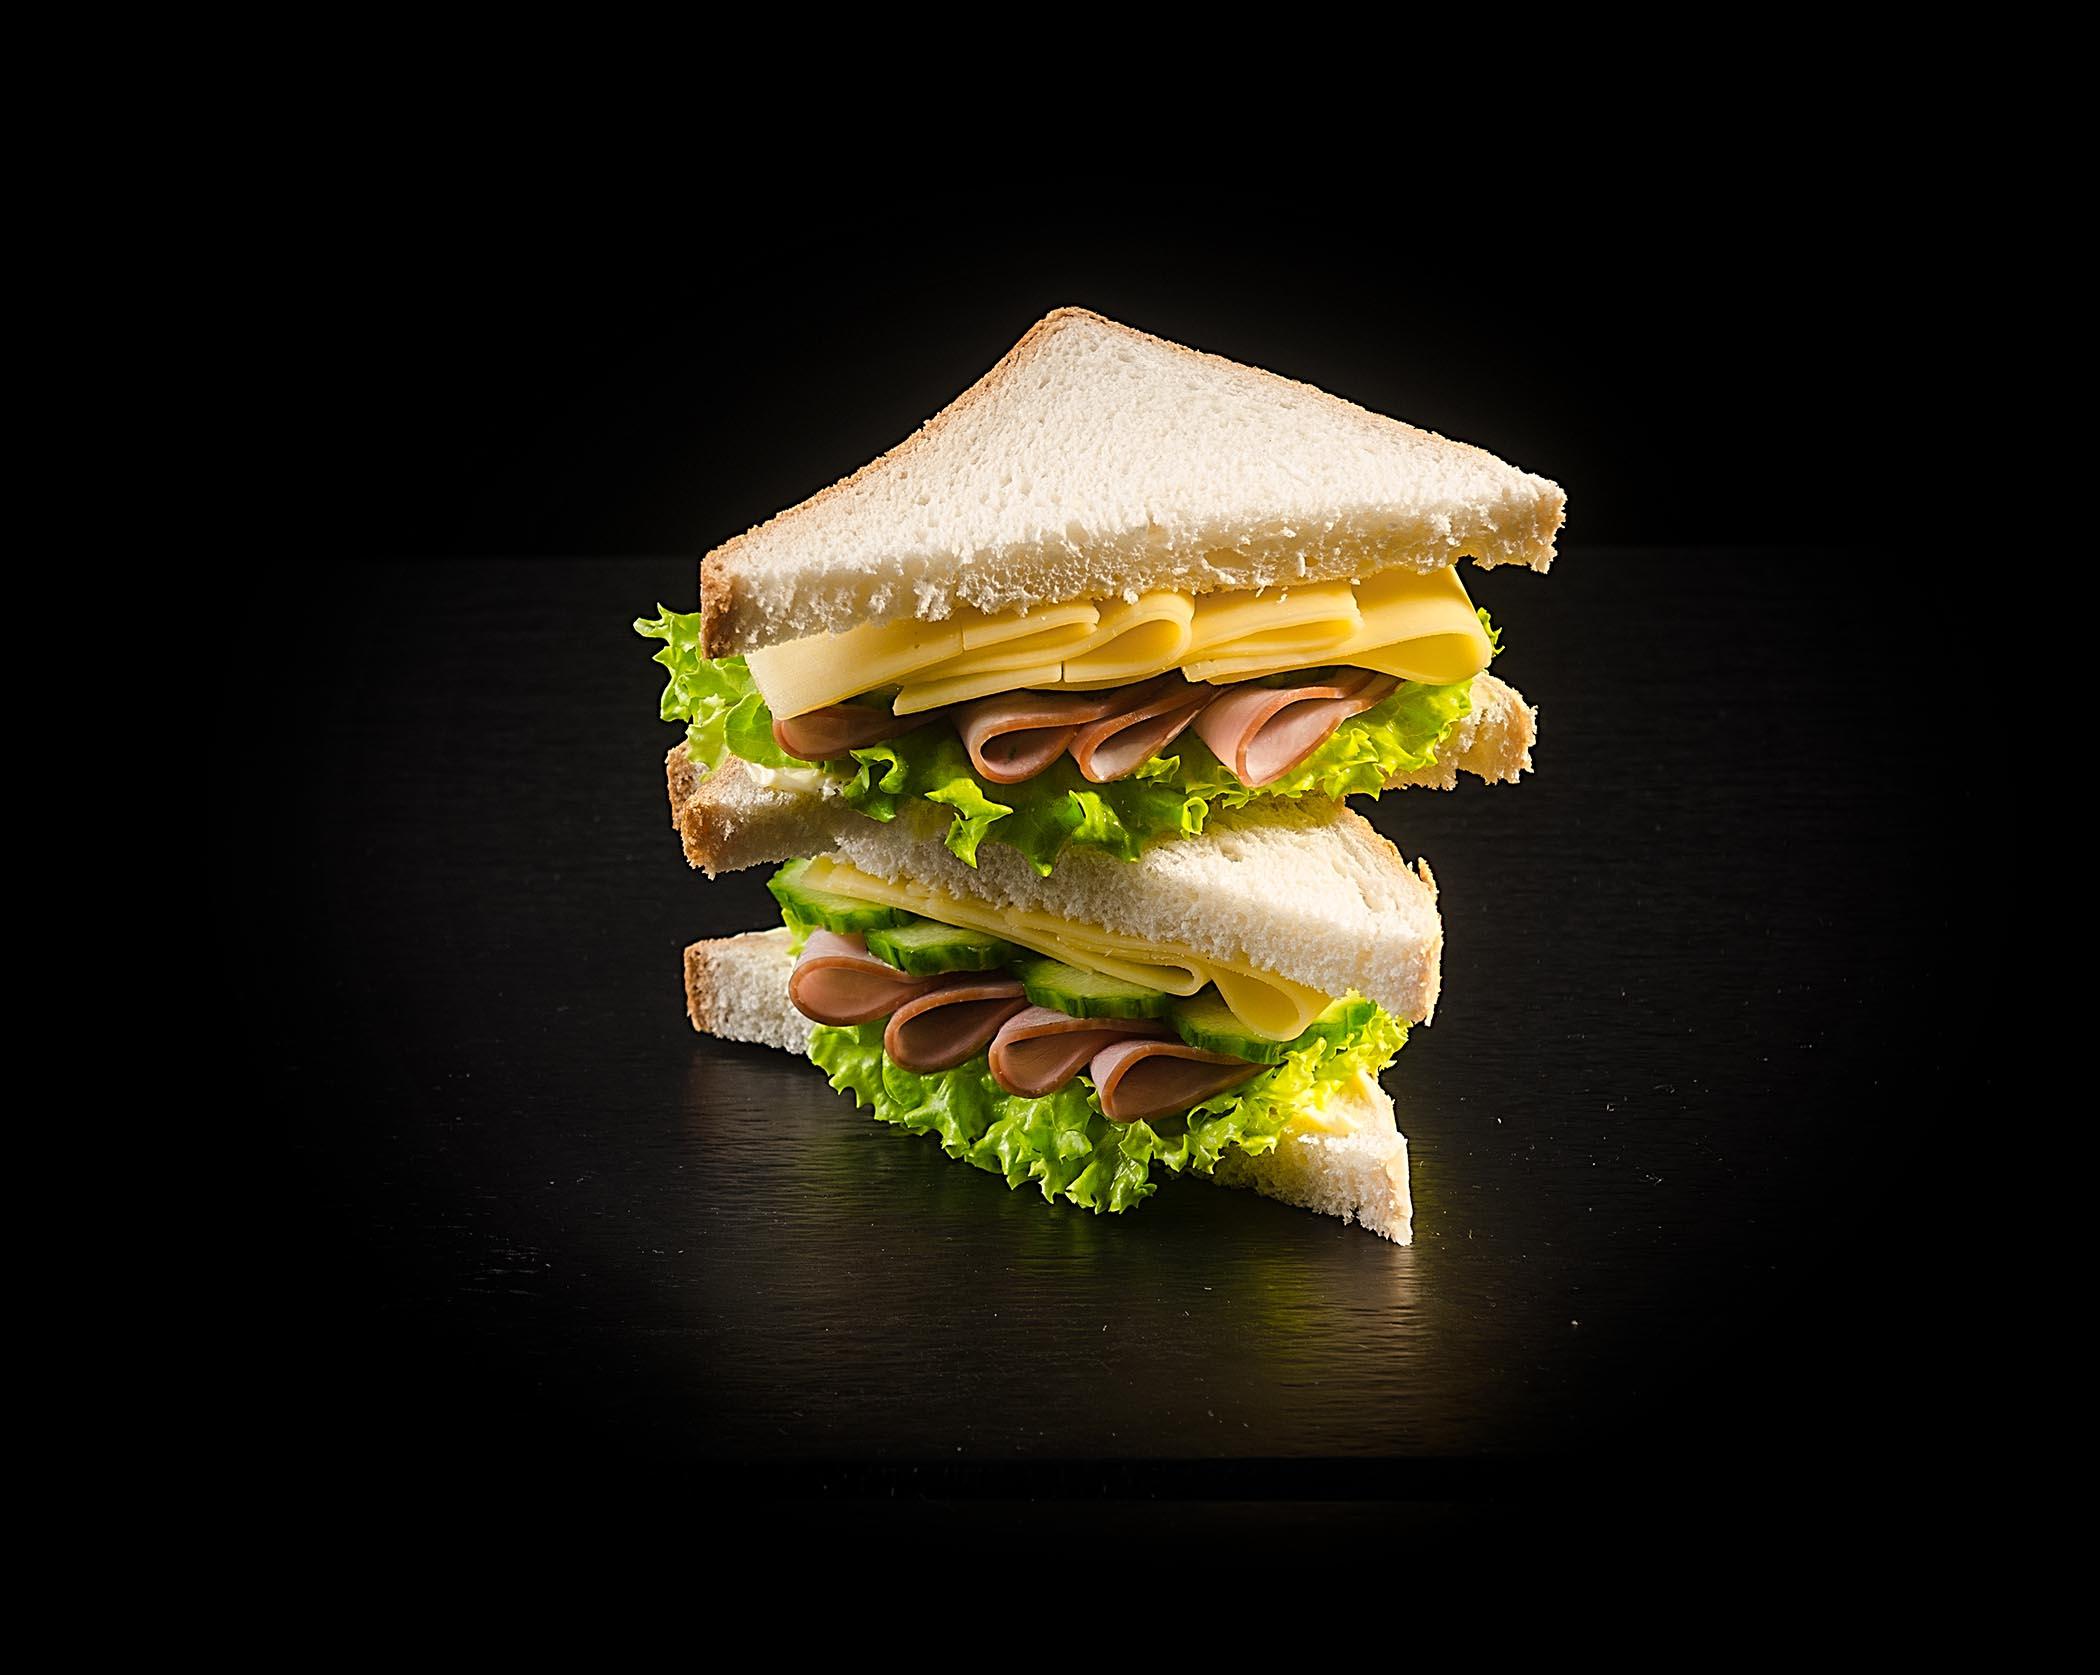 картинки сэндвичей на черном фоне более